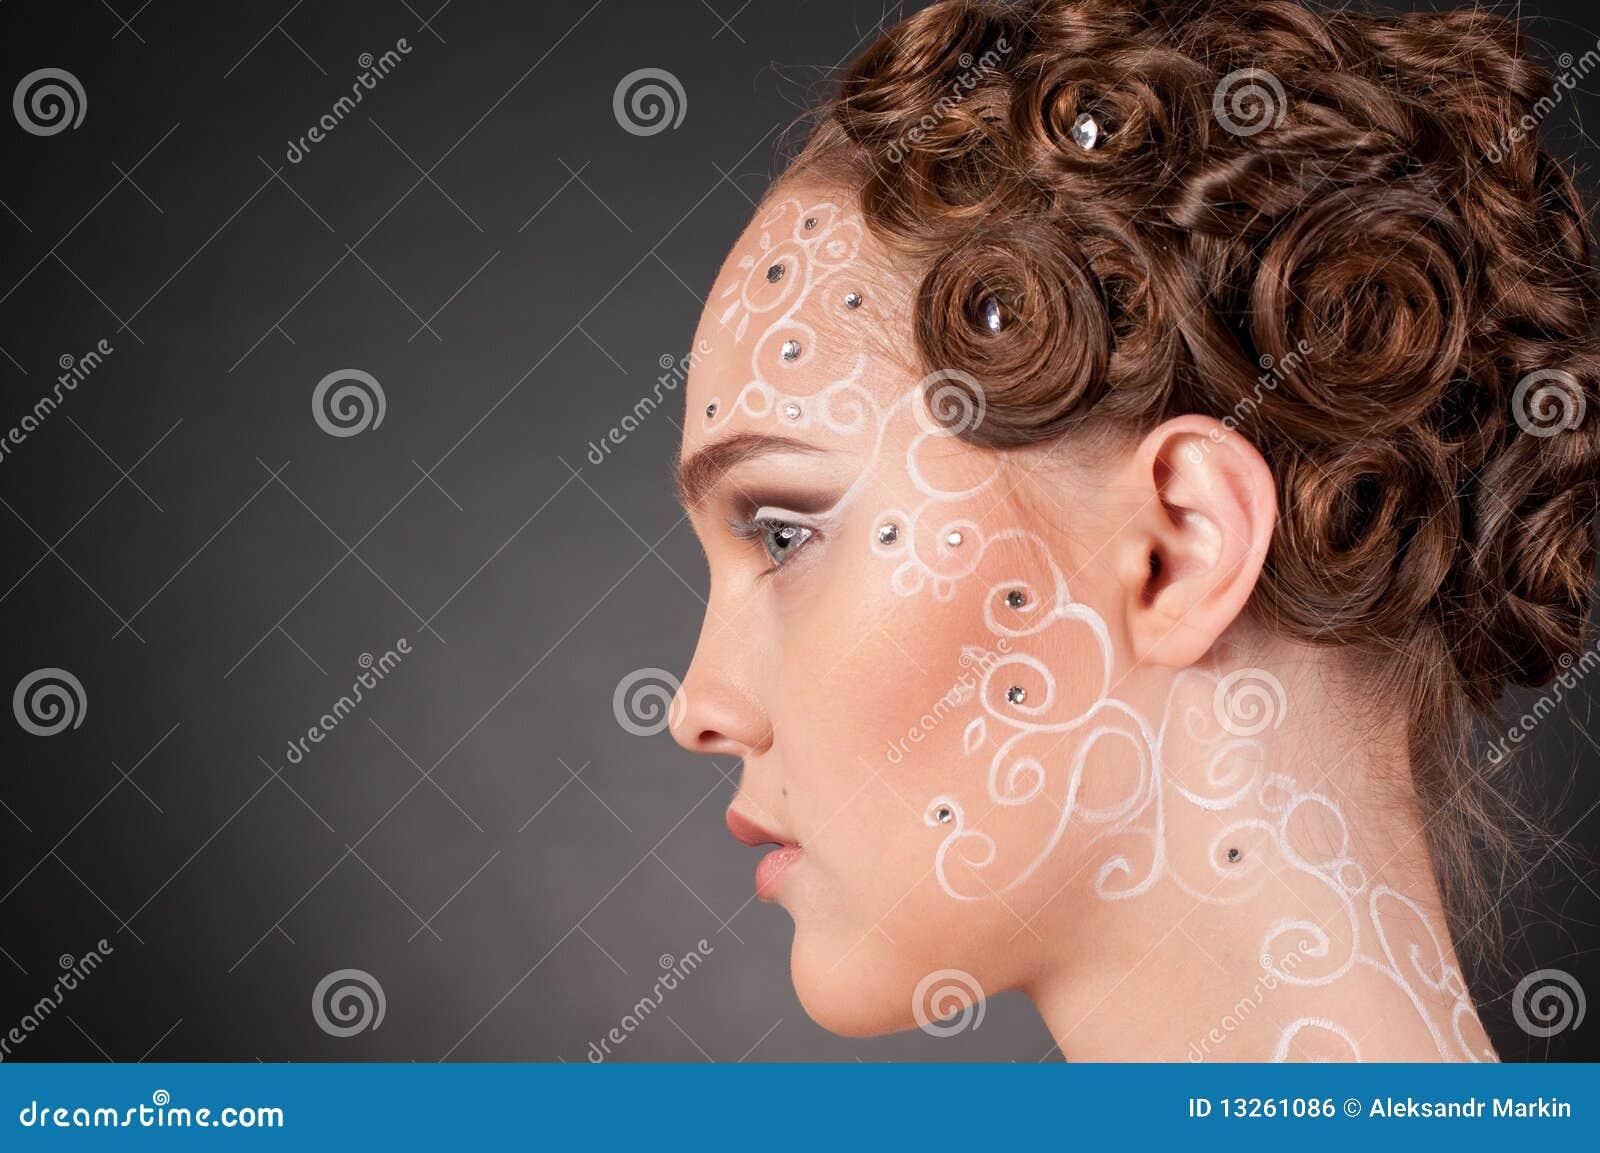 O remédio de gente como livrar-se de pigmentary nota em uma cara